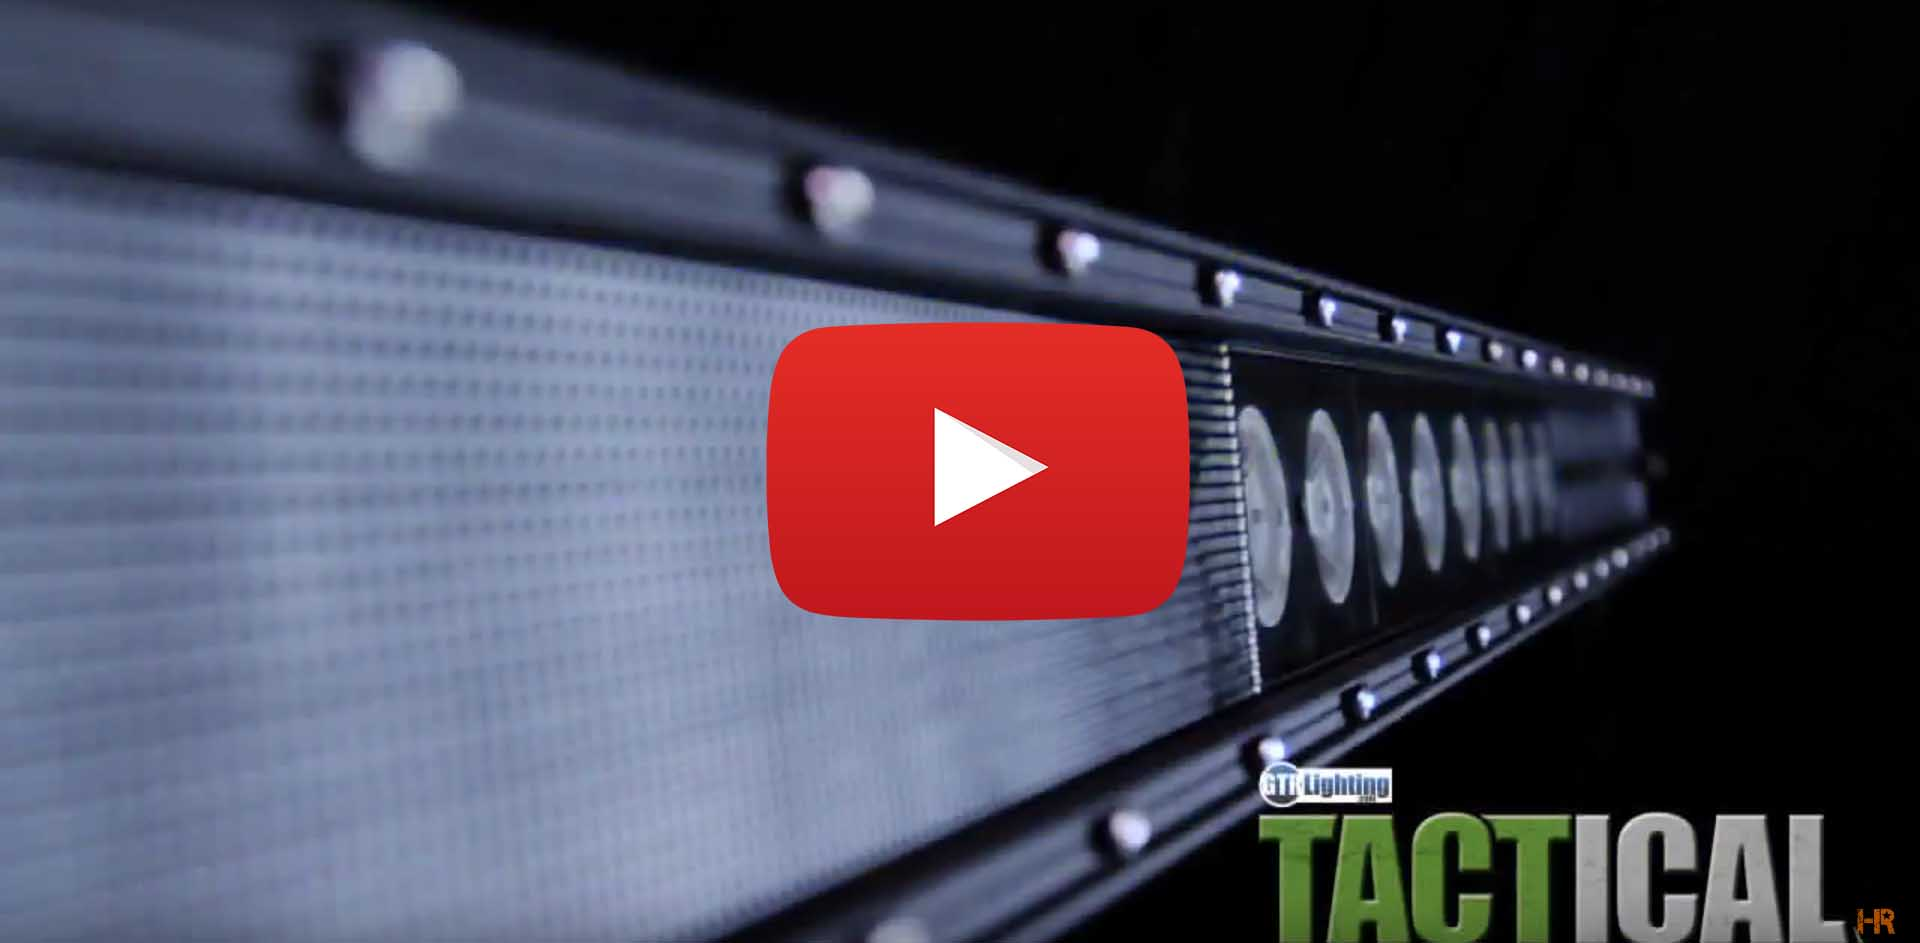 GTR Lighting LED Light Bar